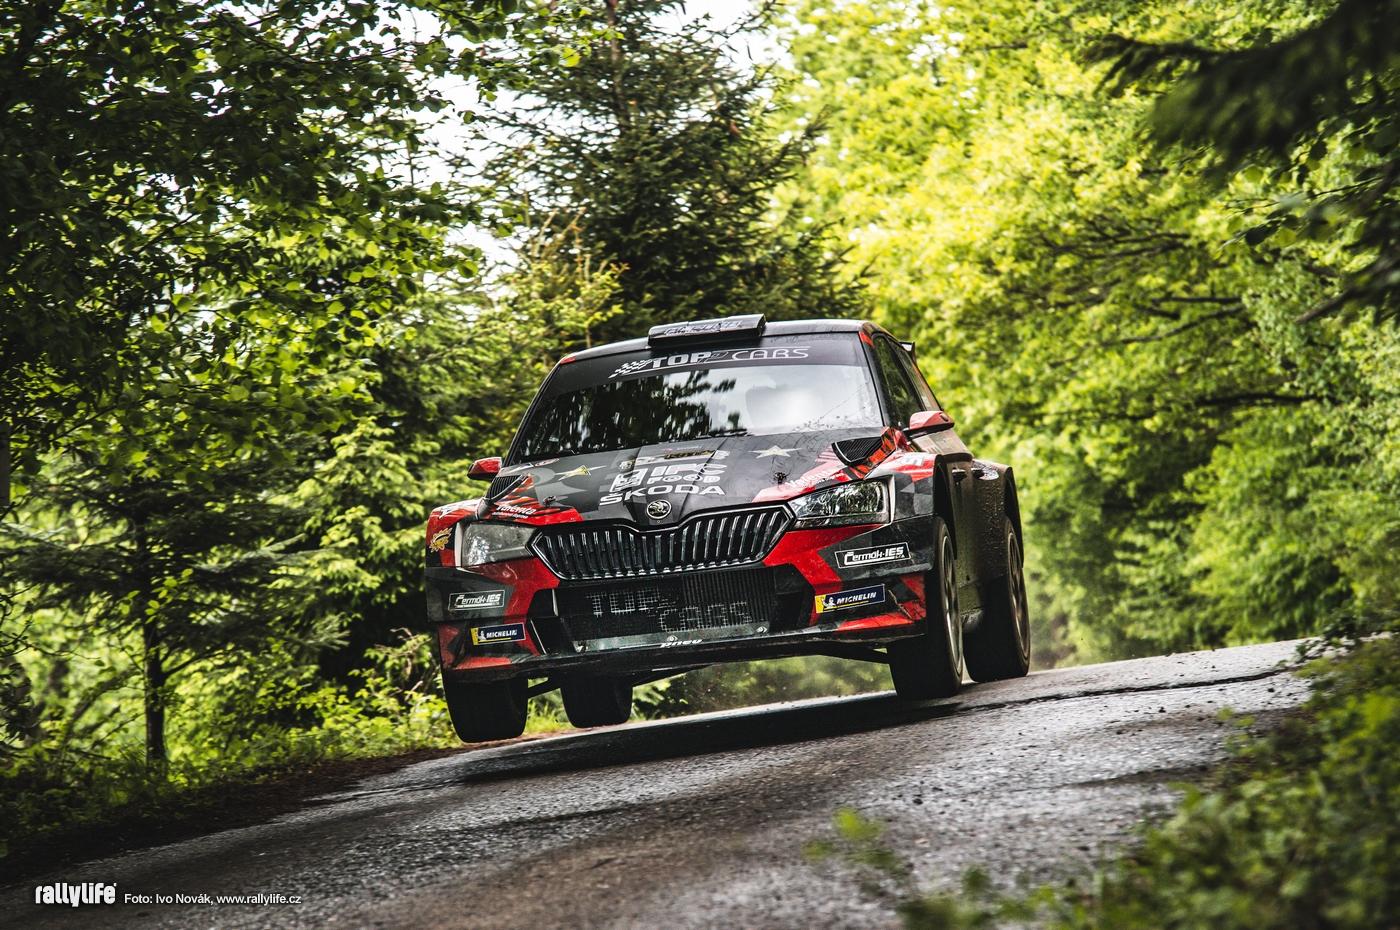 Semerád-Hovorka / Škoda Fabia Rally2 evo